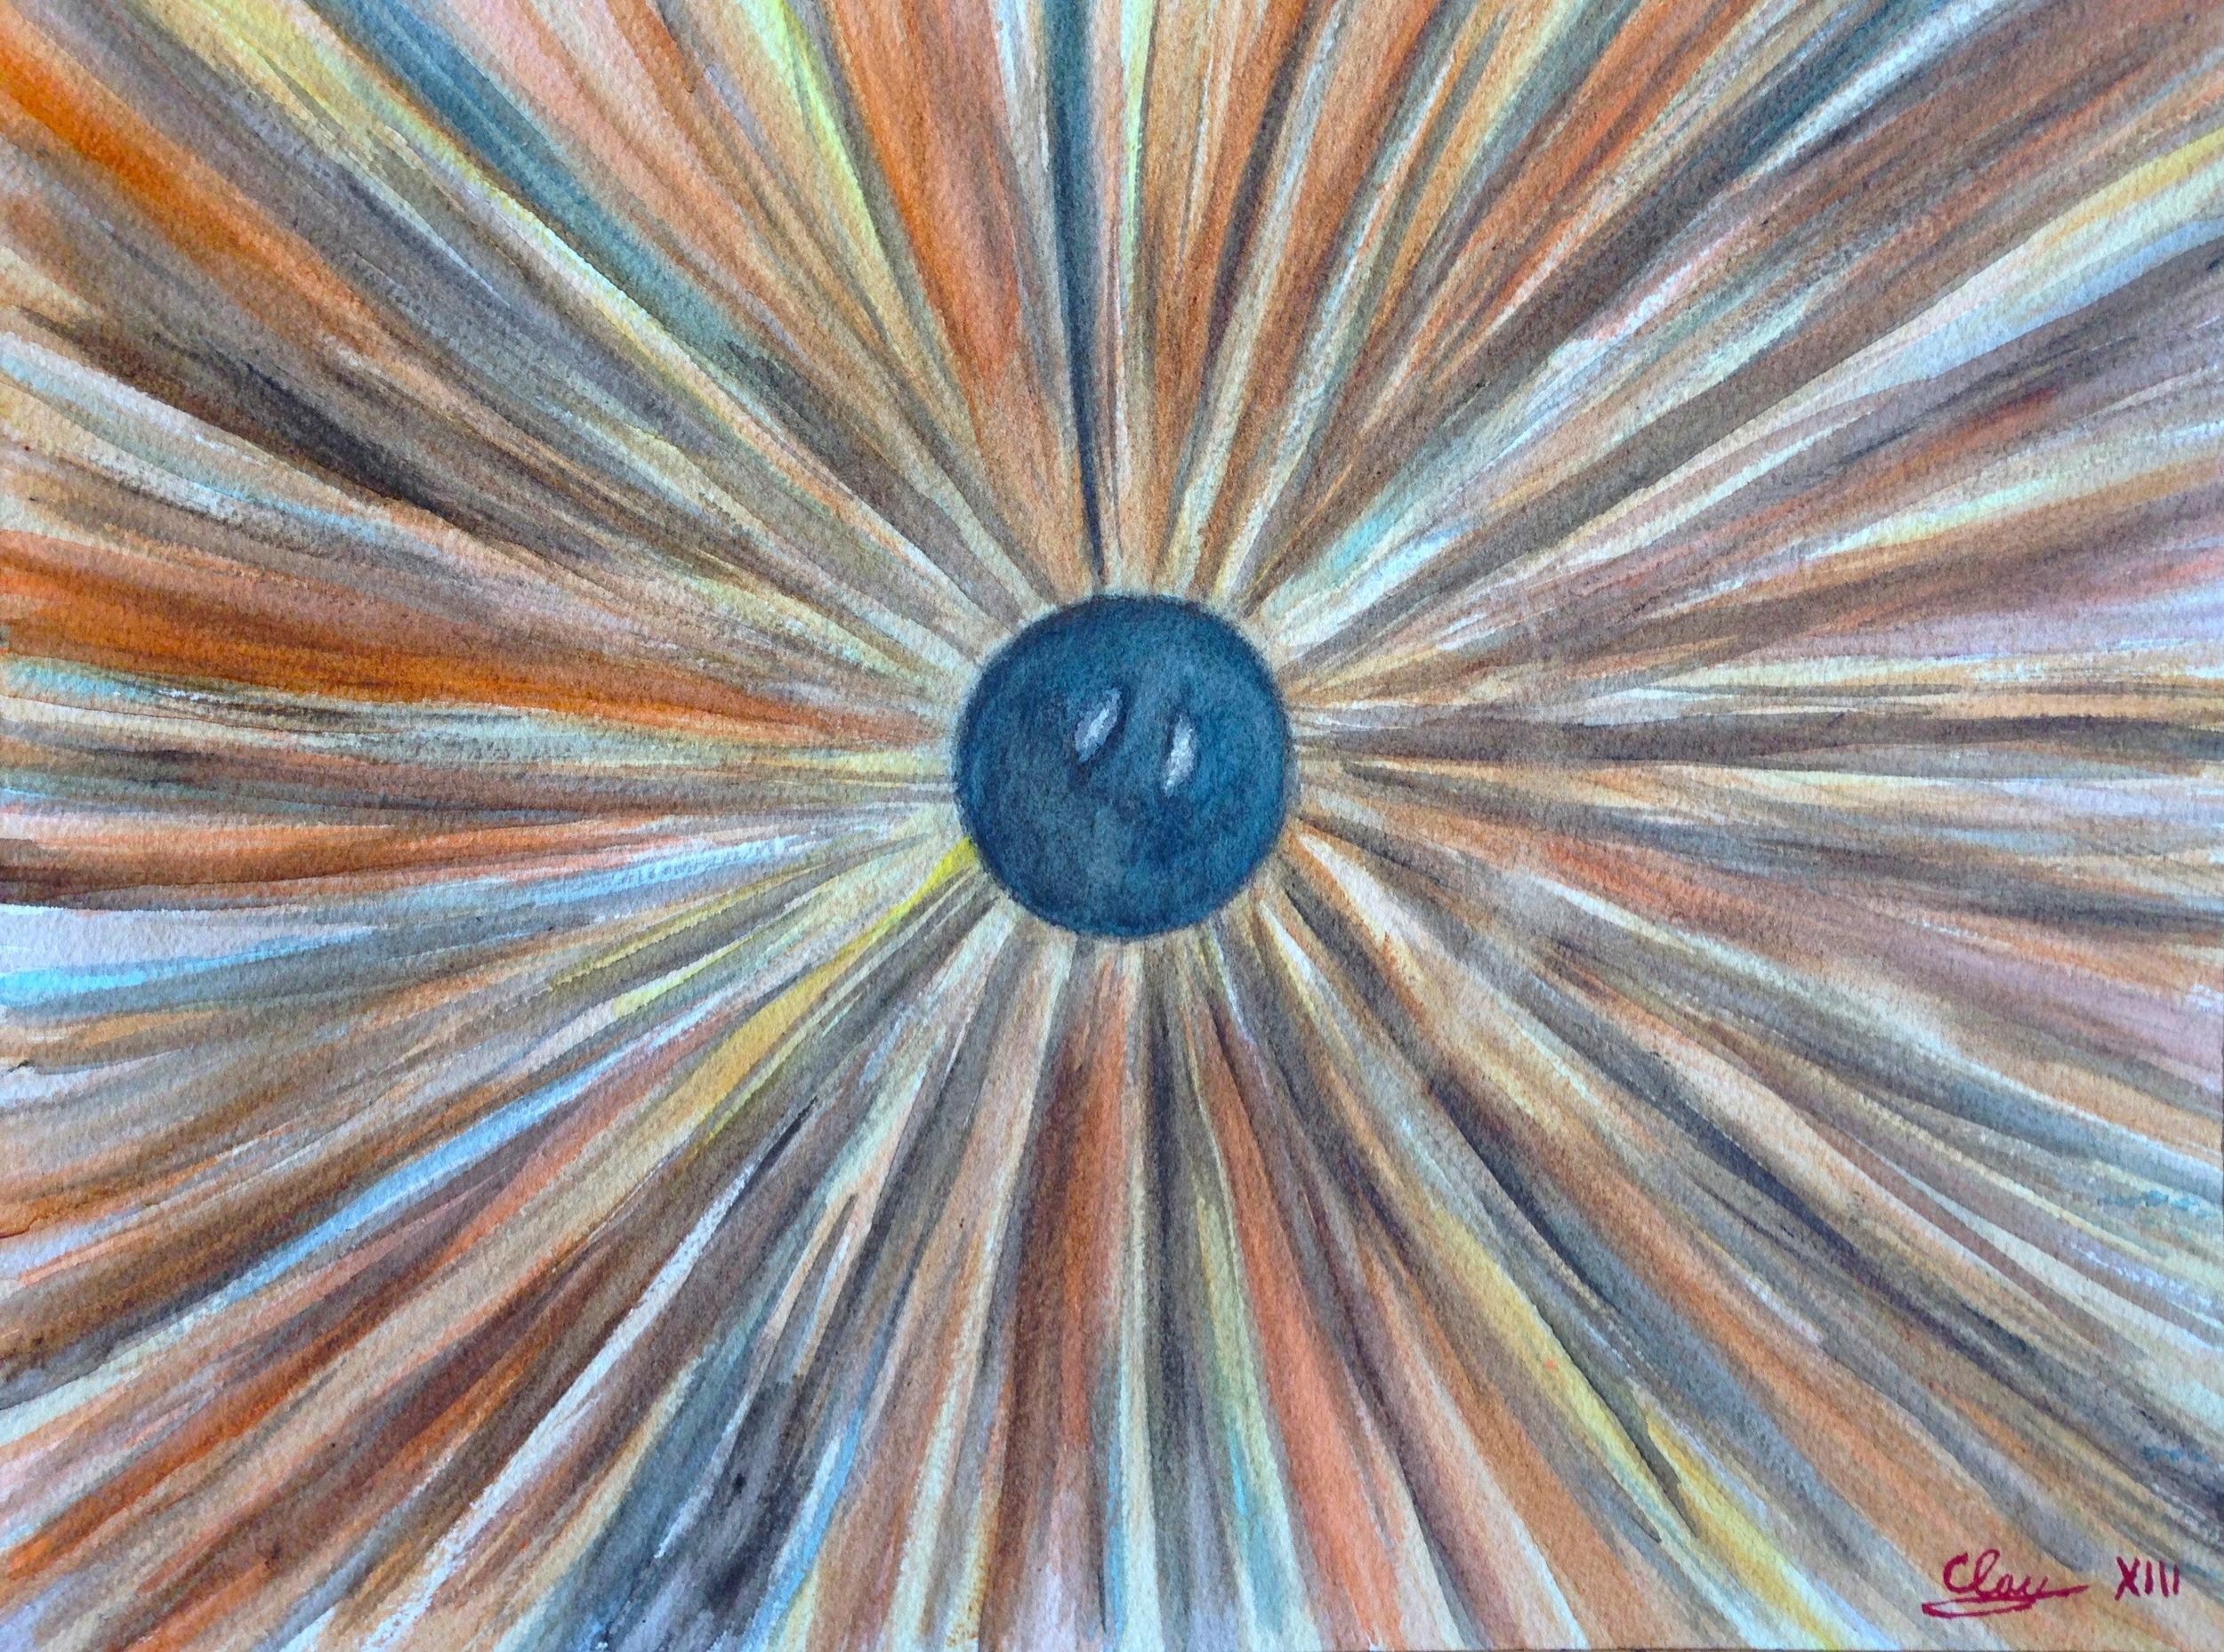 Inside the Eye